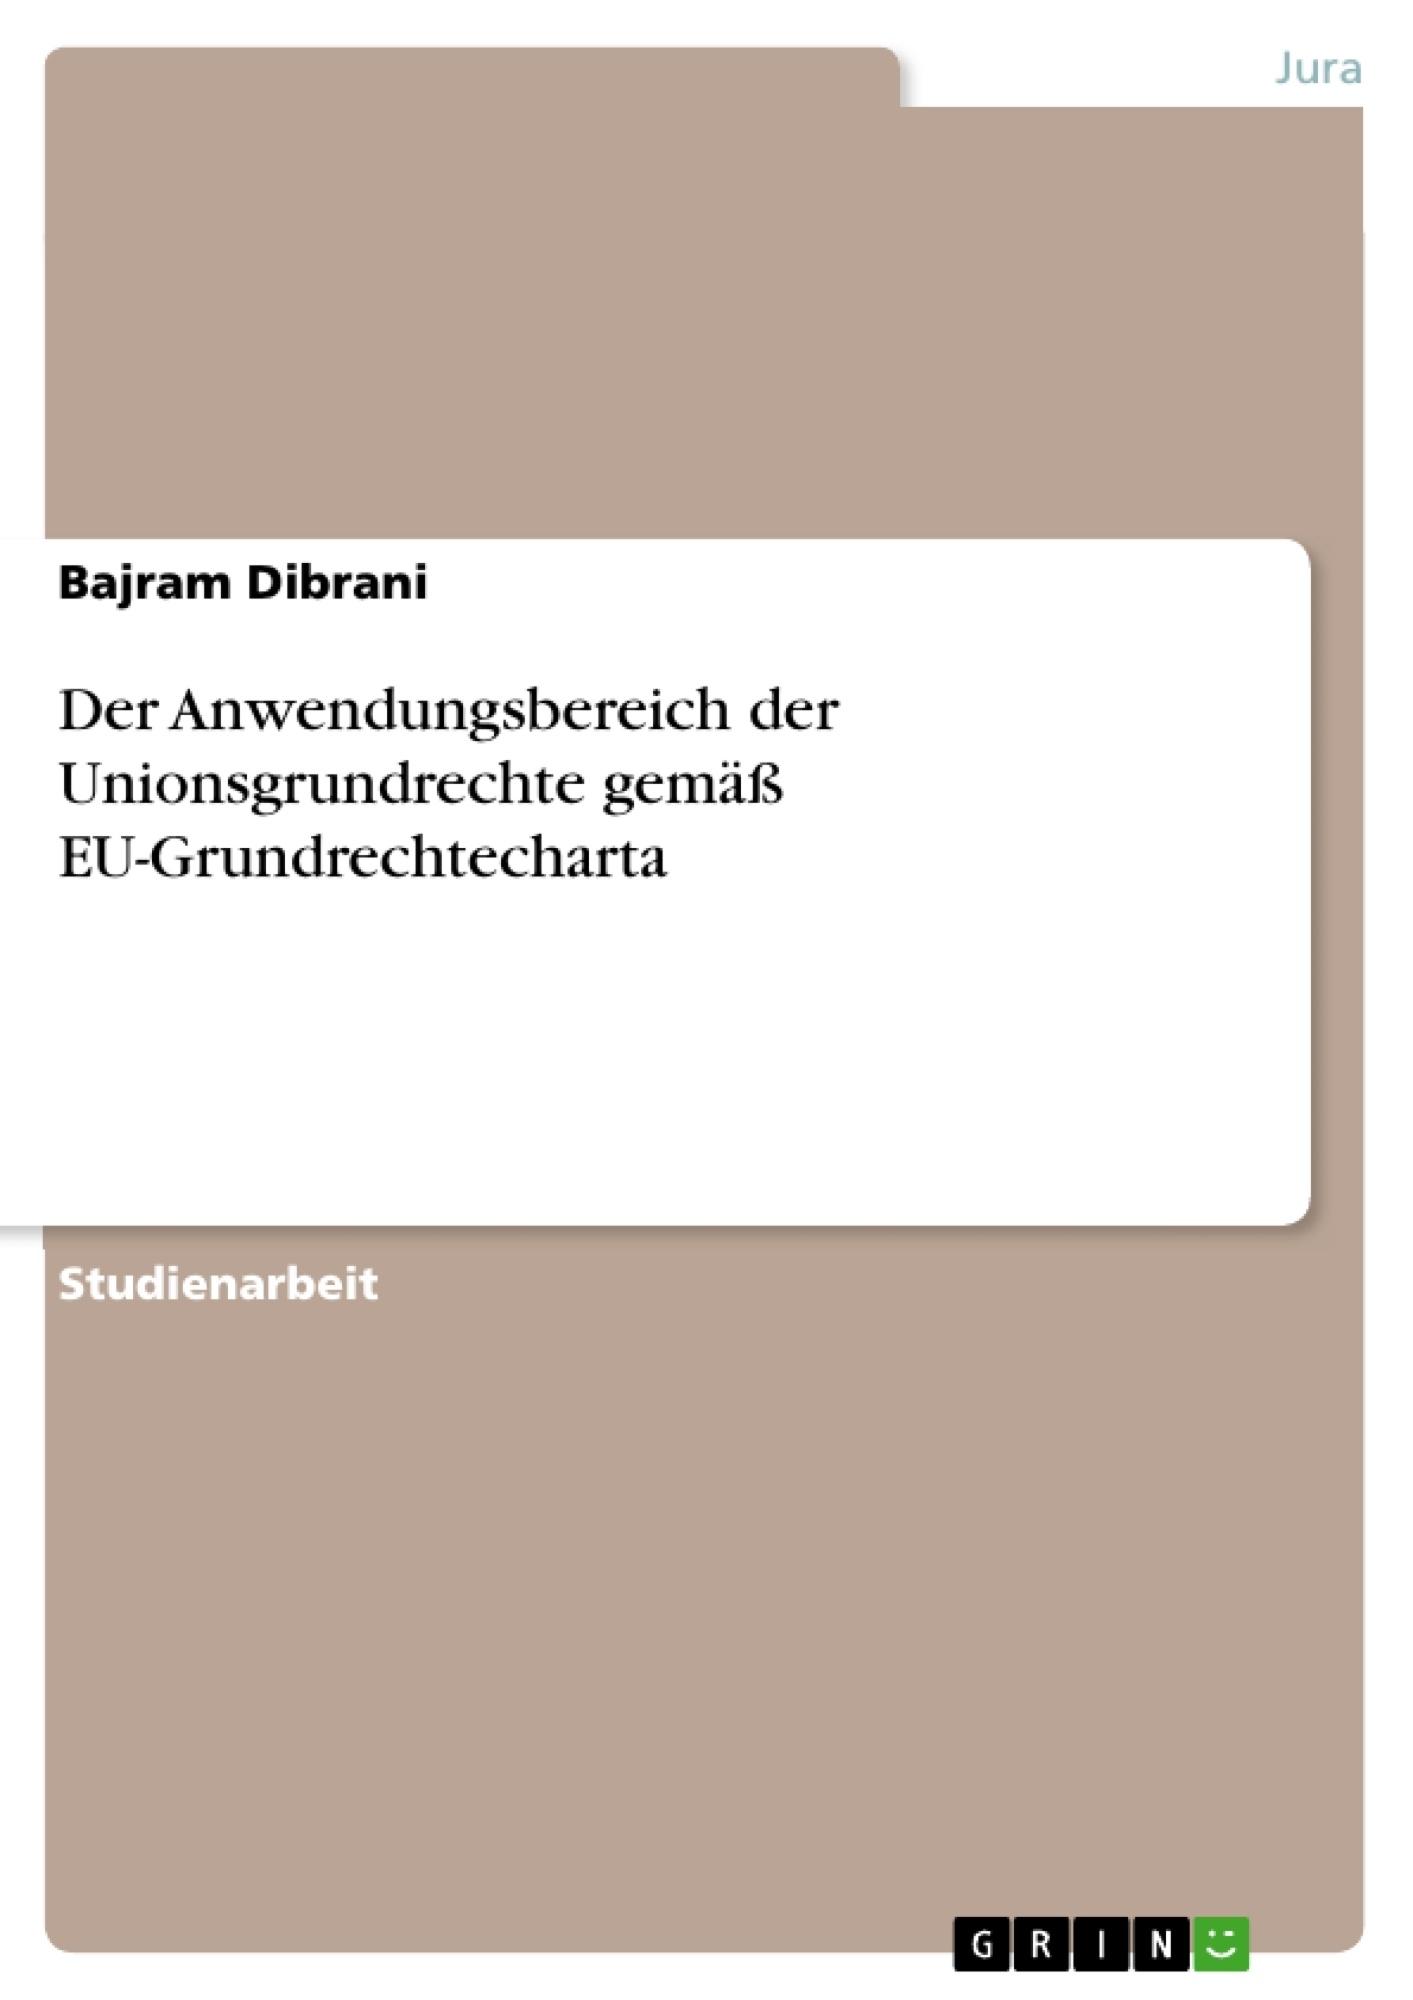 Titel: Der Anwendungsbereich der Unionsgrundrechte gemäß EU-Grundrechtecharta